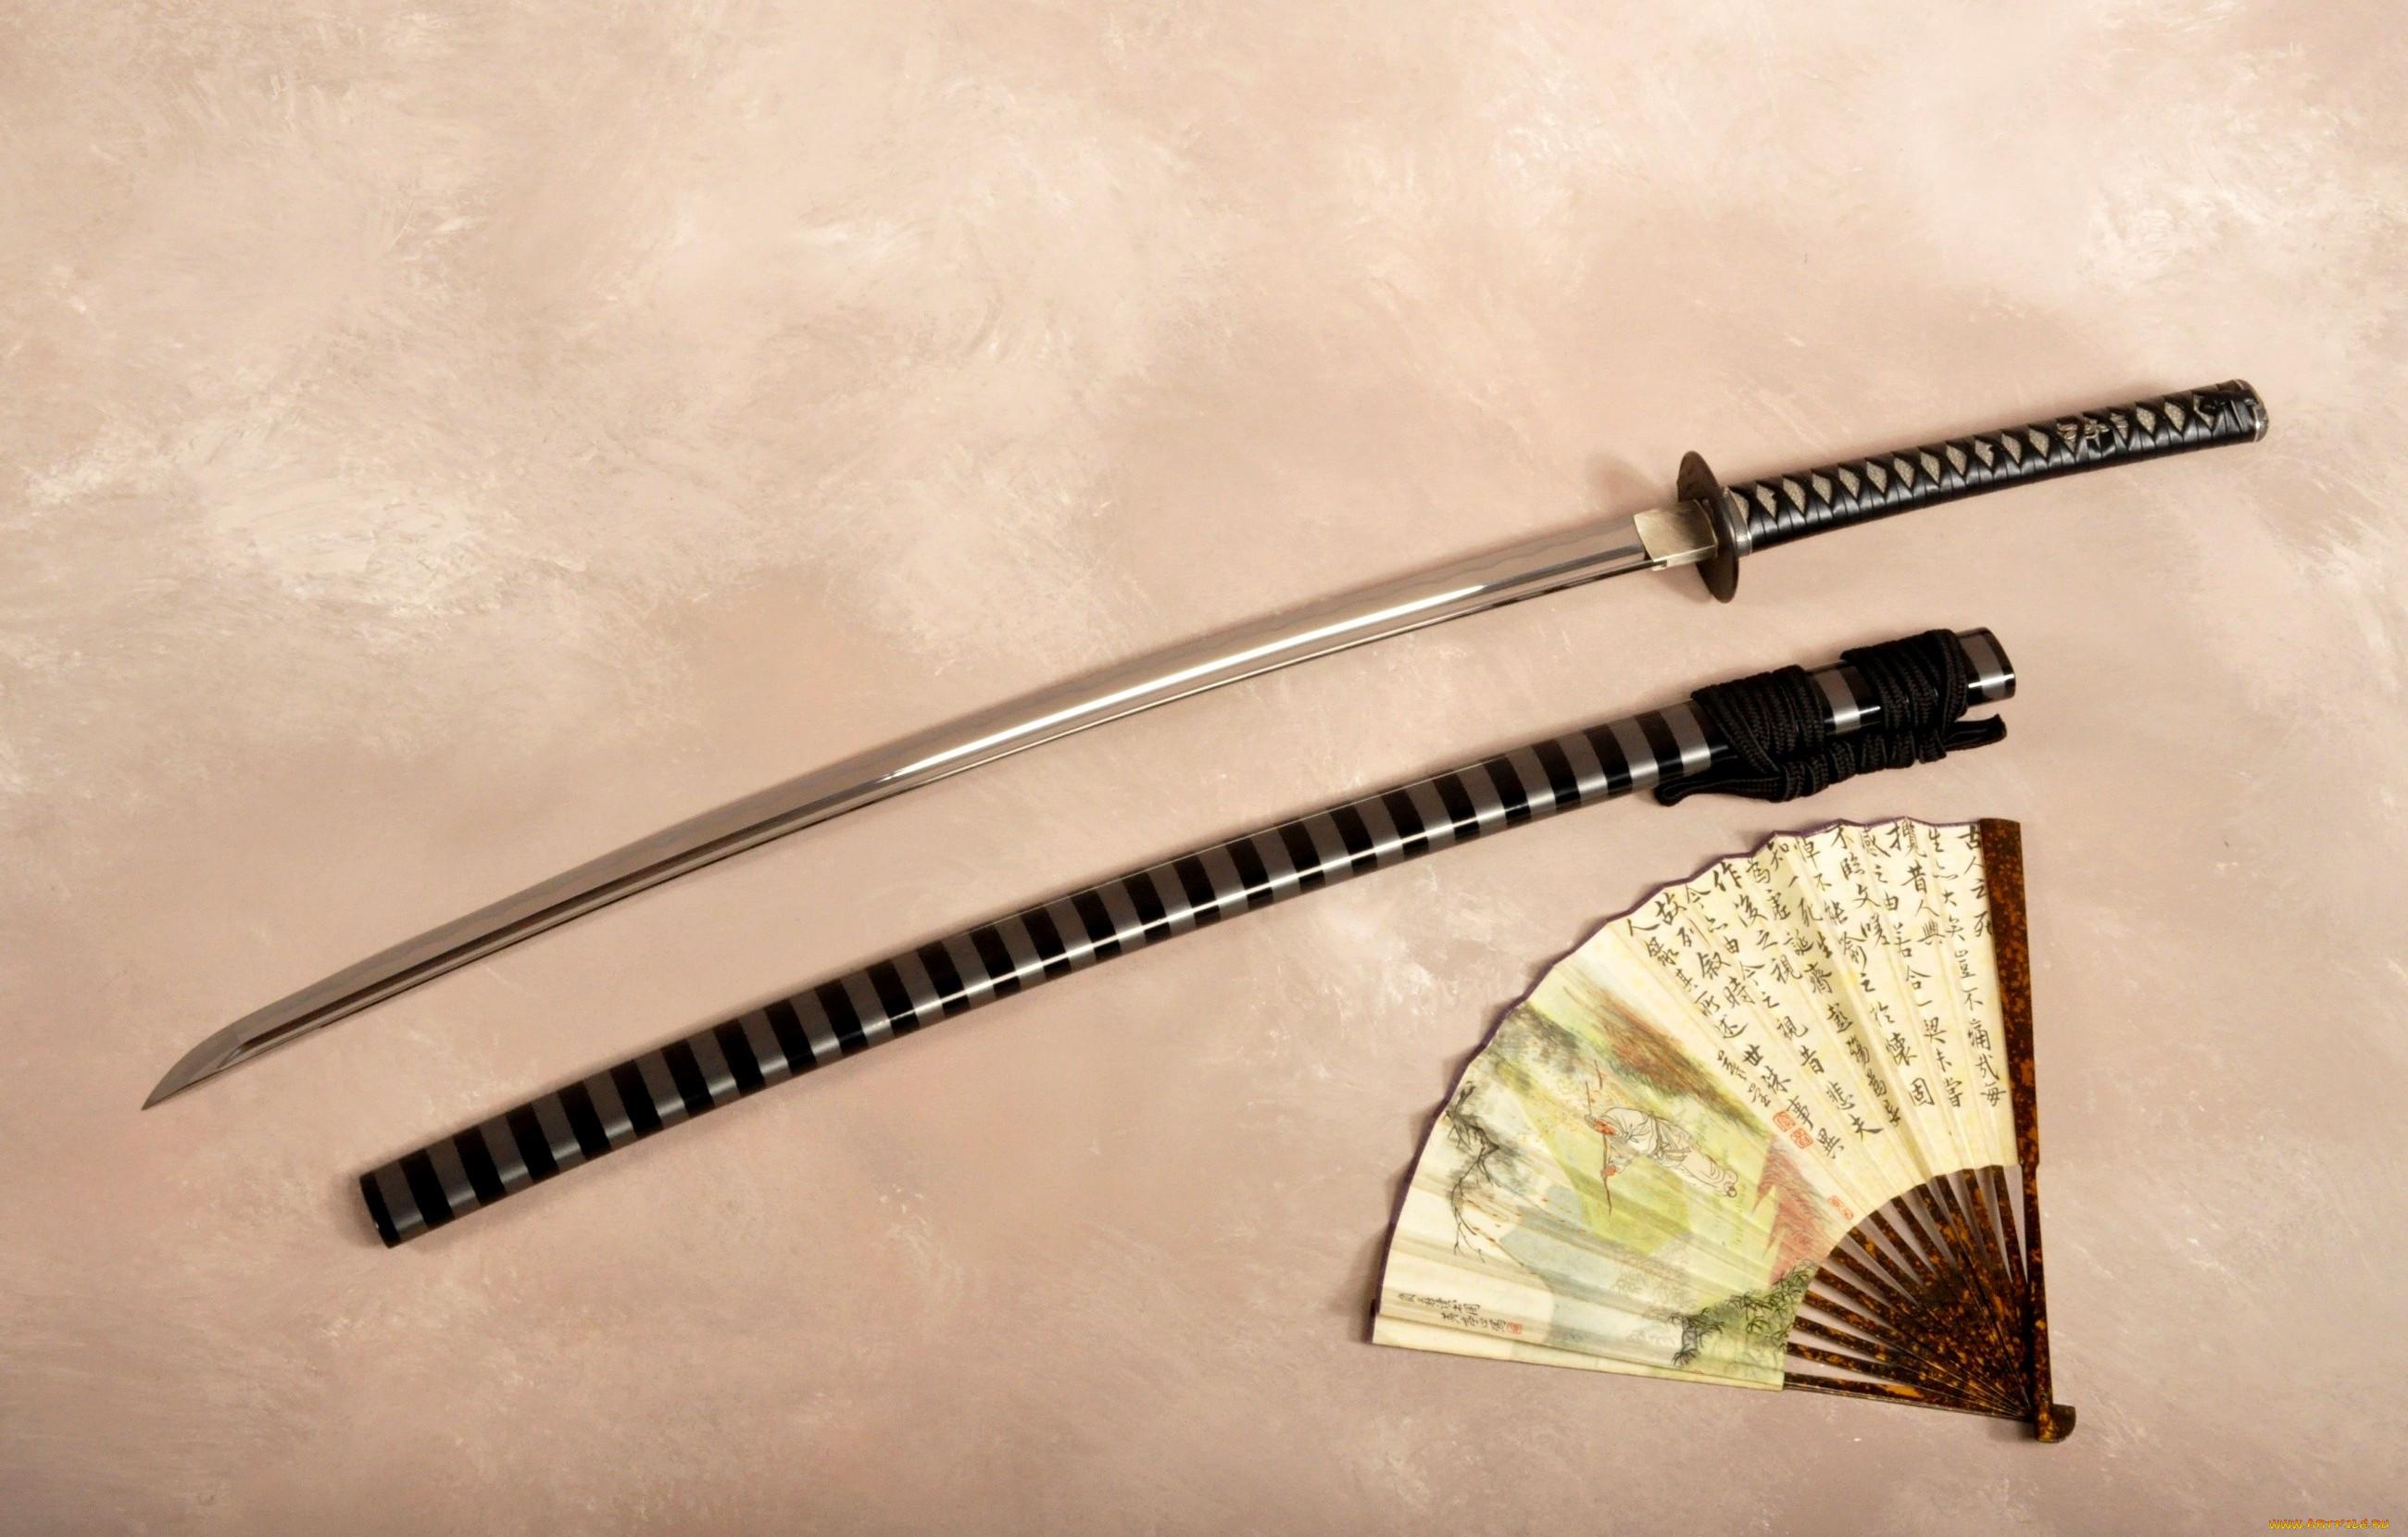 картинки мечей и самурайских катан подрочила стены